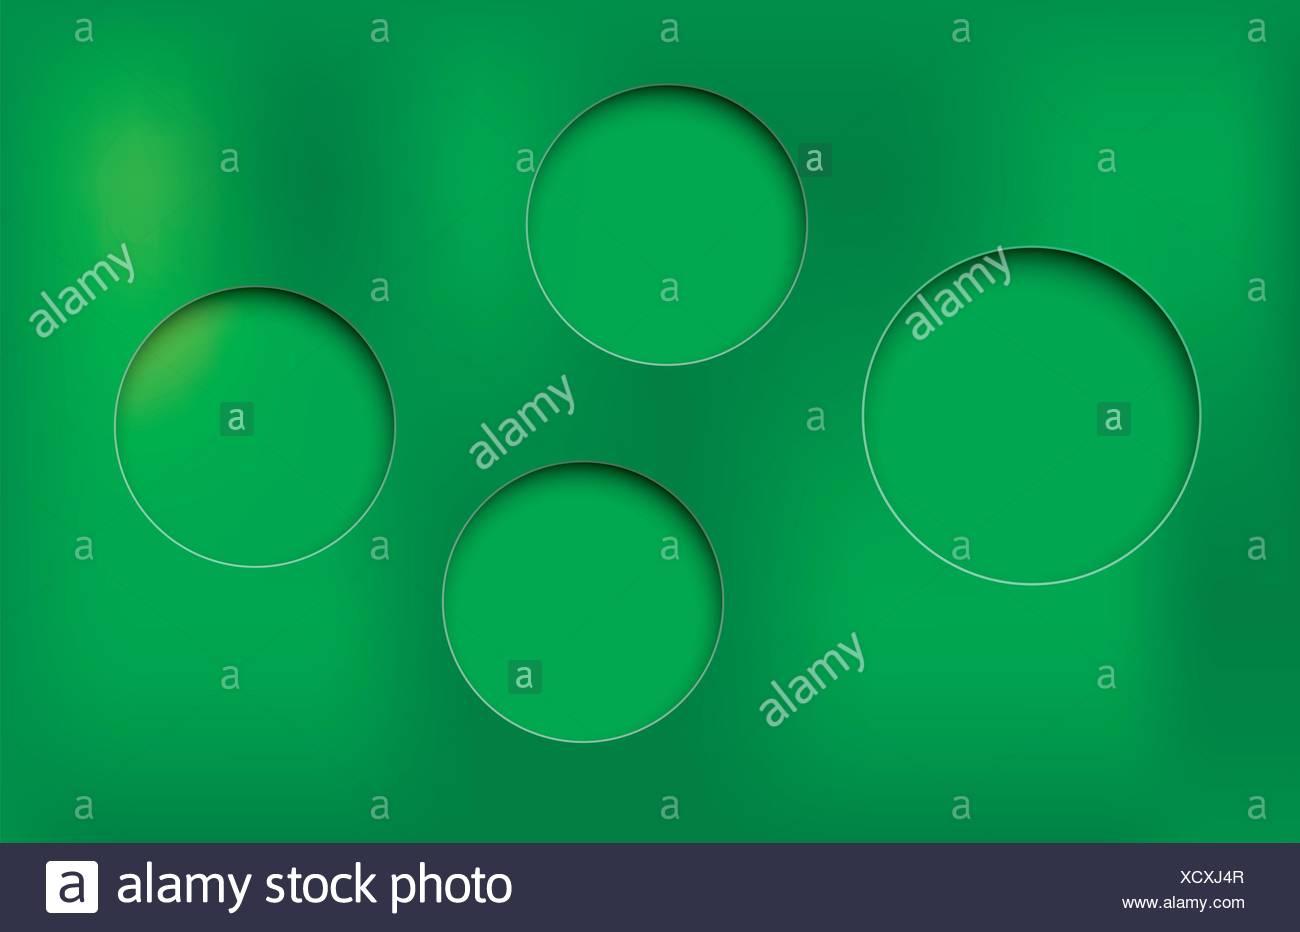 circle shaddow - Stock Image